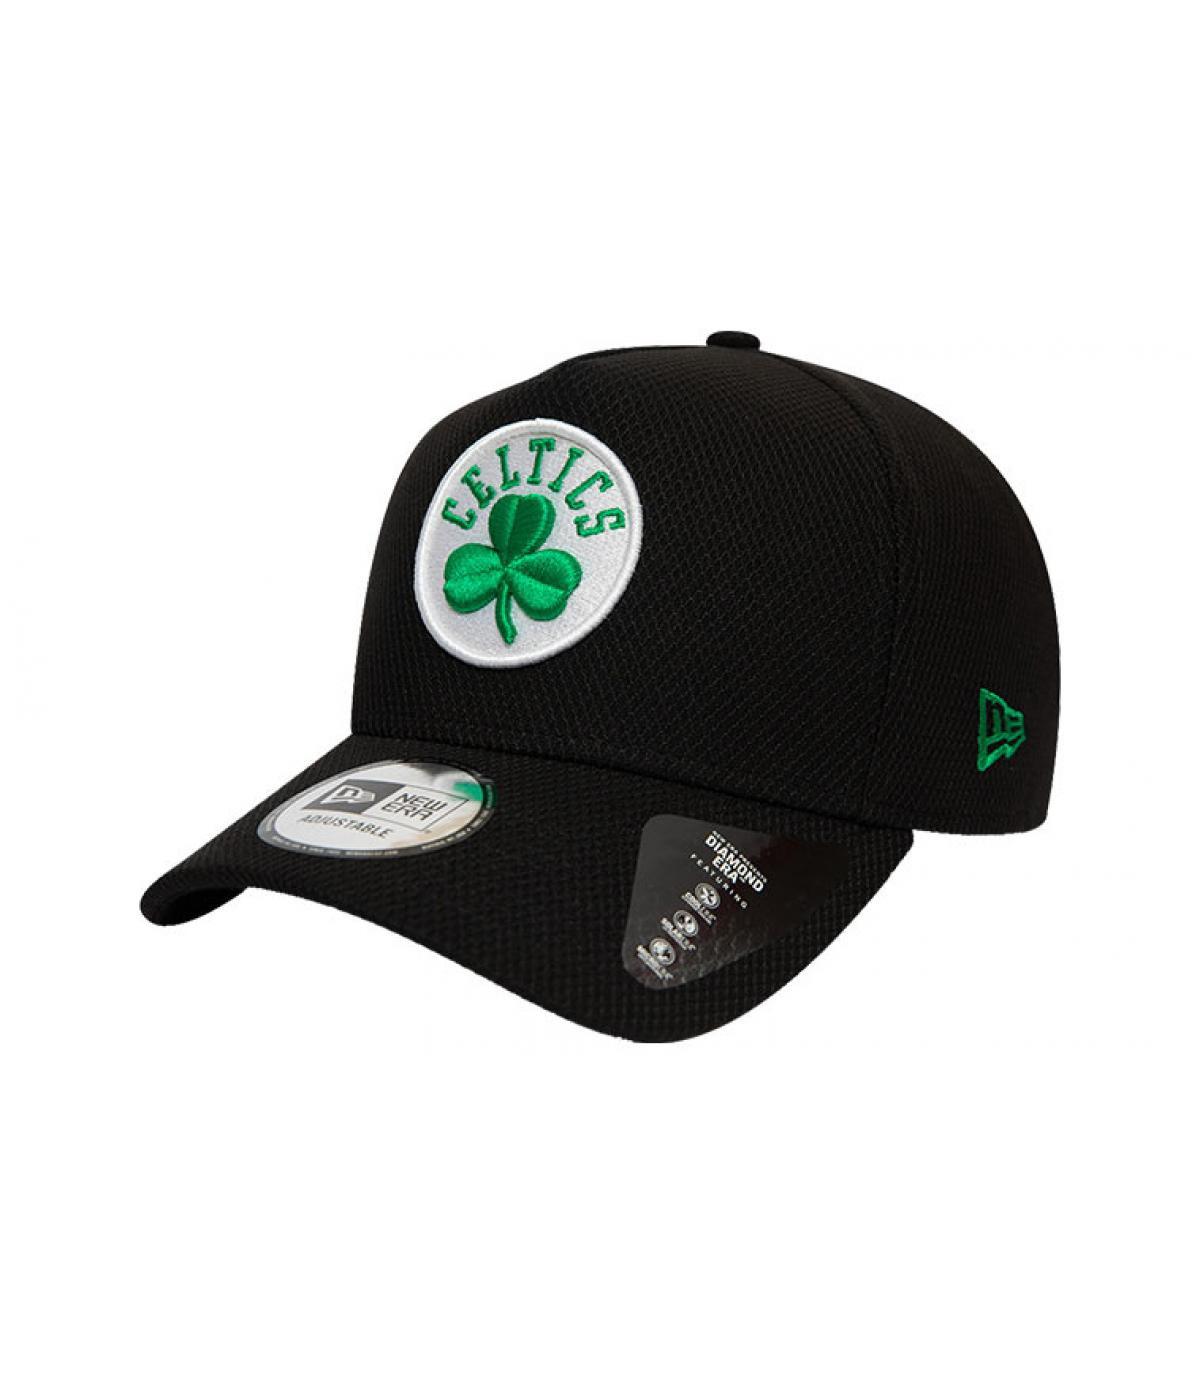 Détails Casquette League Ess Celtics Diamond Era Aframe - image 2